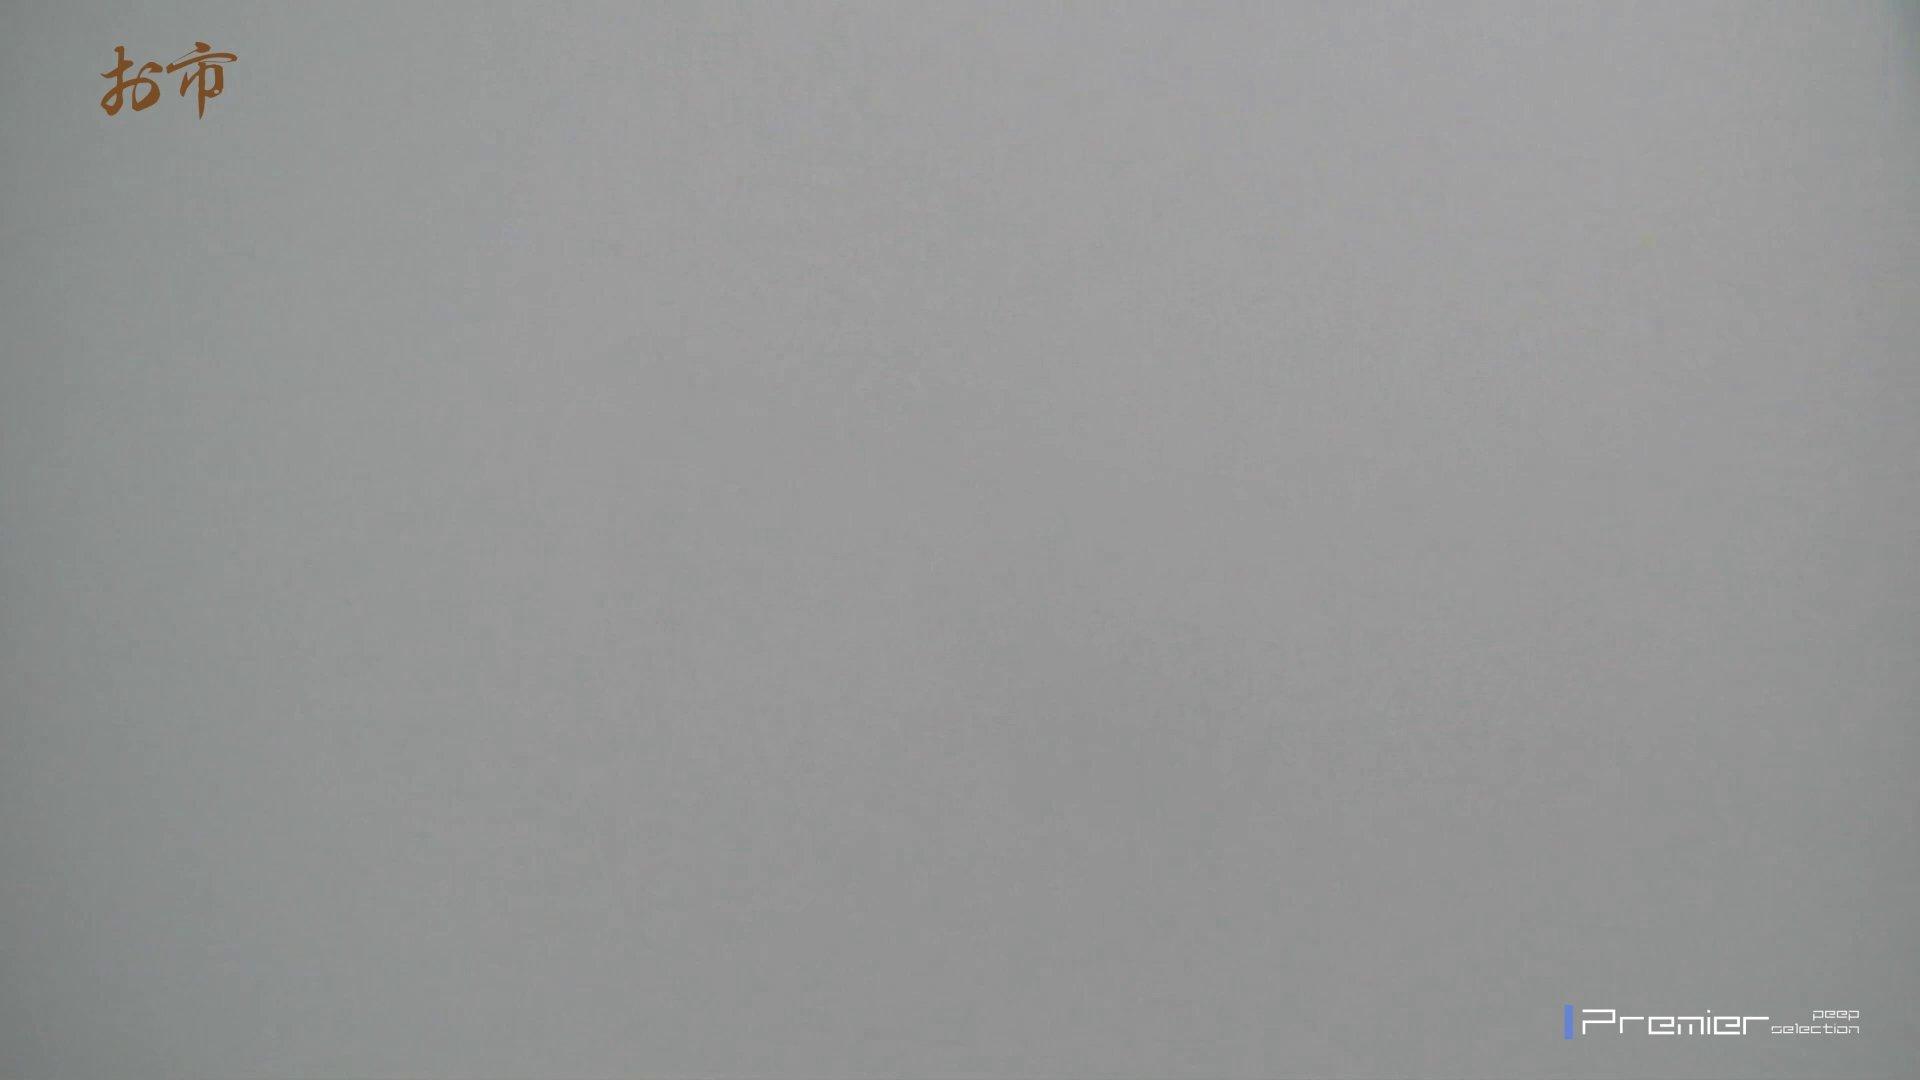 潜入!!台湾名門女学院 Vol.14 ラストコンテンツ!! OL | 潜入エロ調査  93連発 55